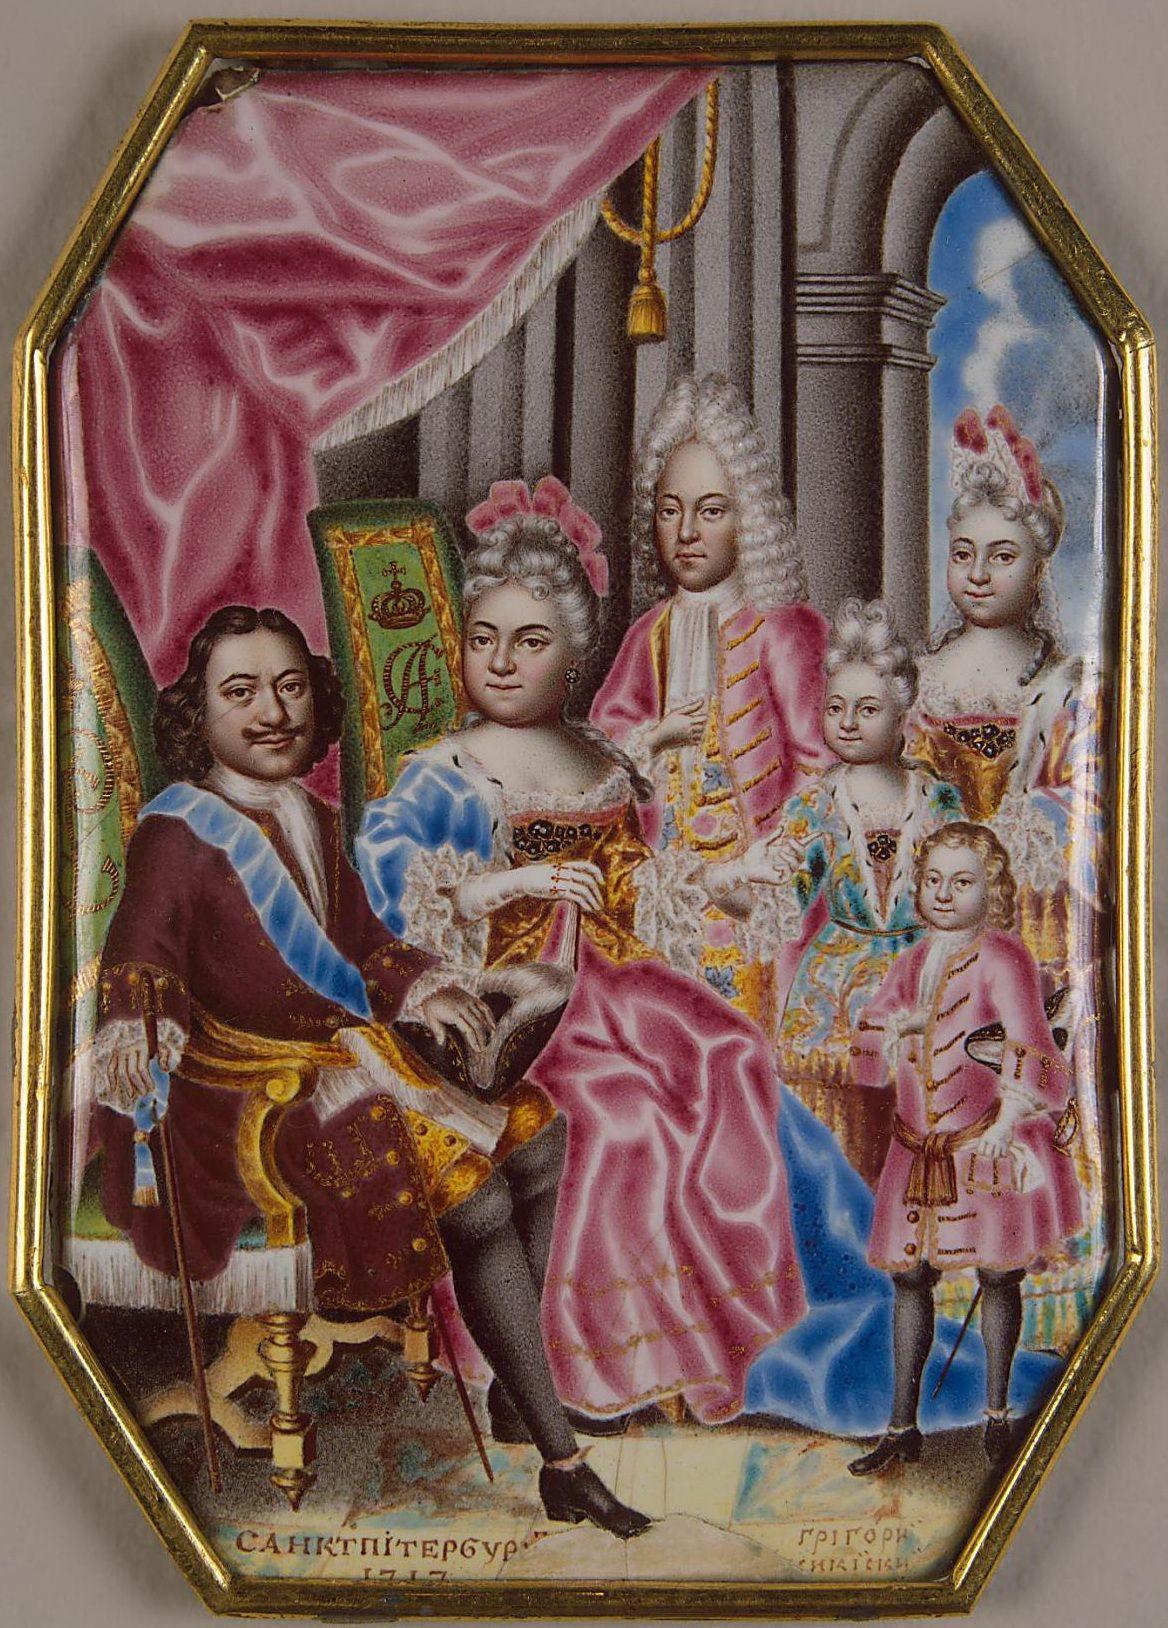 Szczęśliwa, zgodna rodzina? Takie rzeczy tylko na emalii. Carewicz Aleksy (pośrodku, z tyłu) znajdował się w głębokim konflikcie z ojcem i macochą, a przyrodnie rodzeństwo (od tyłu Anna, Elżbieta i Piotr) traktował jak zagrożenie dla swej pozycji. Emalia na miedzi, dzieło Grigorija Semenowicza Musikijskiego z 1716 lub 1717 roku (źródło: domena publiczna).